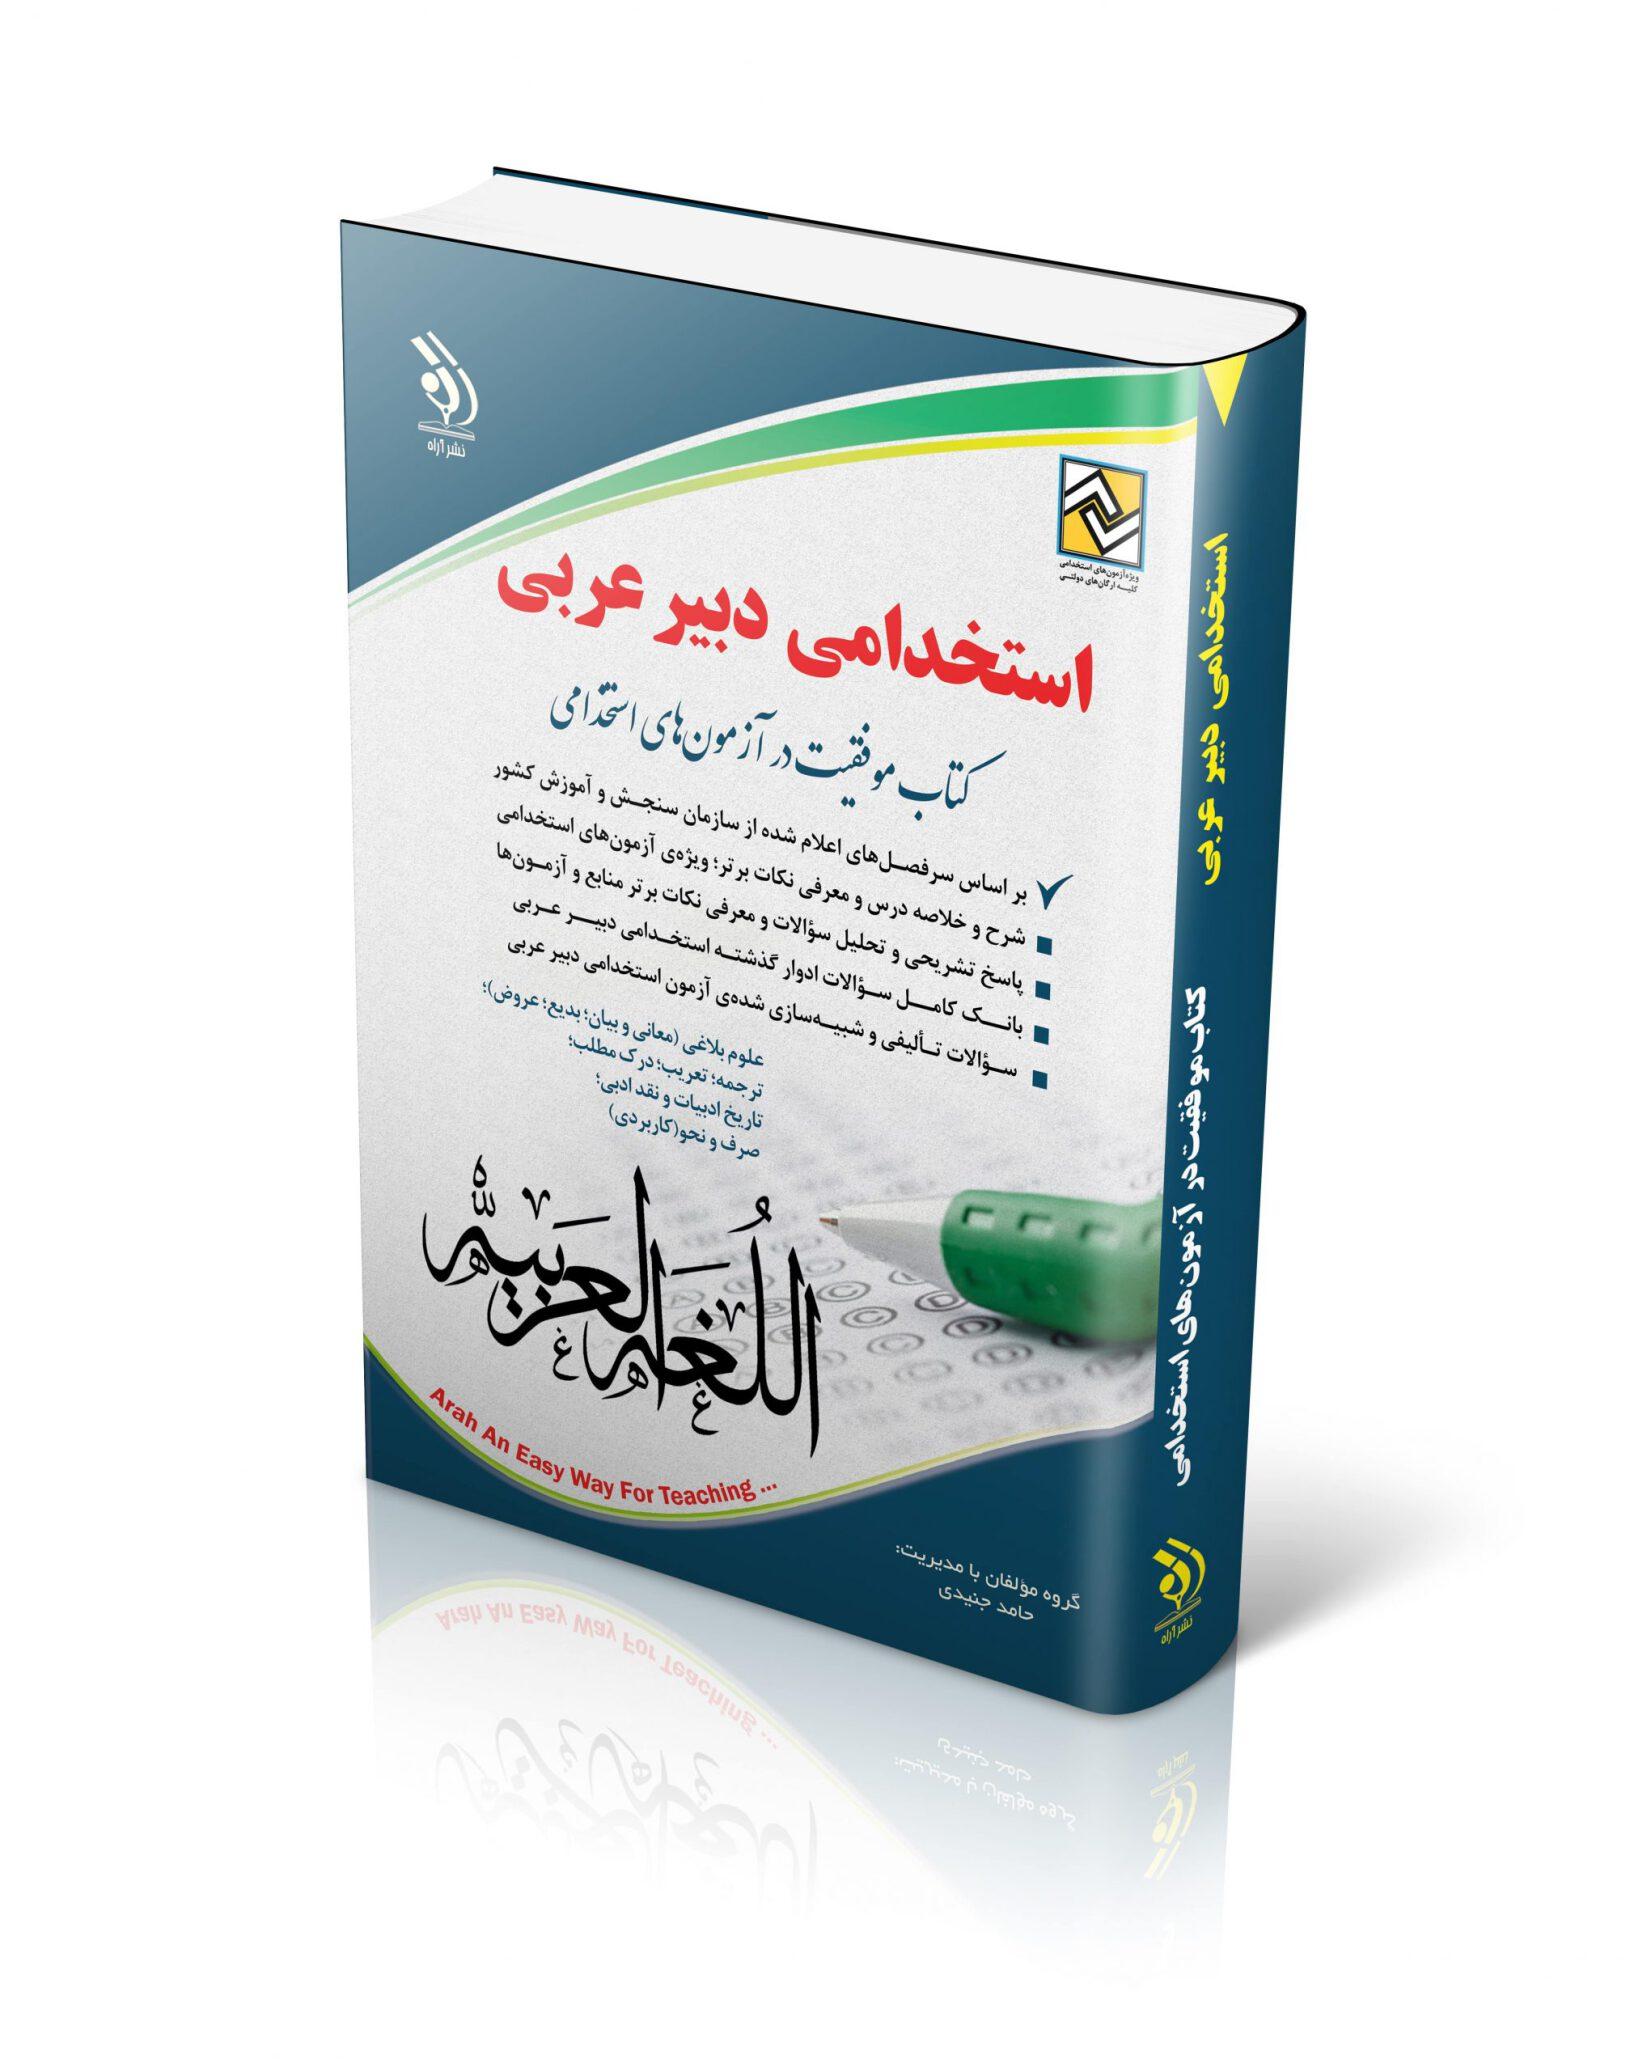 کتاب استخدامی دبیر عربی